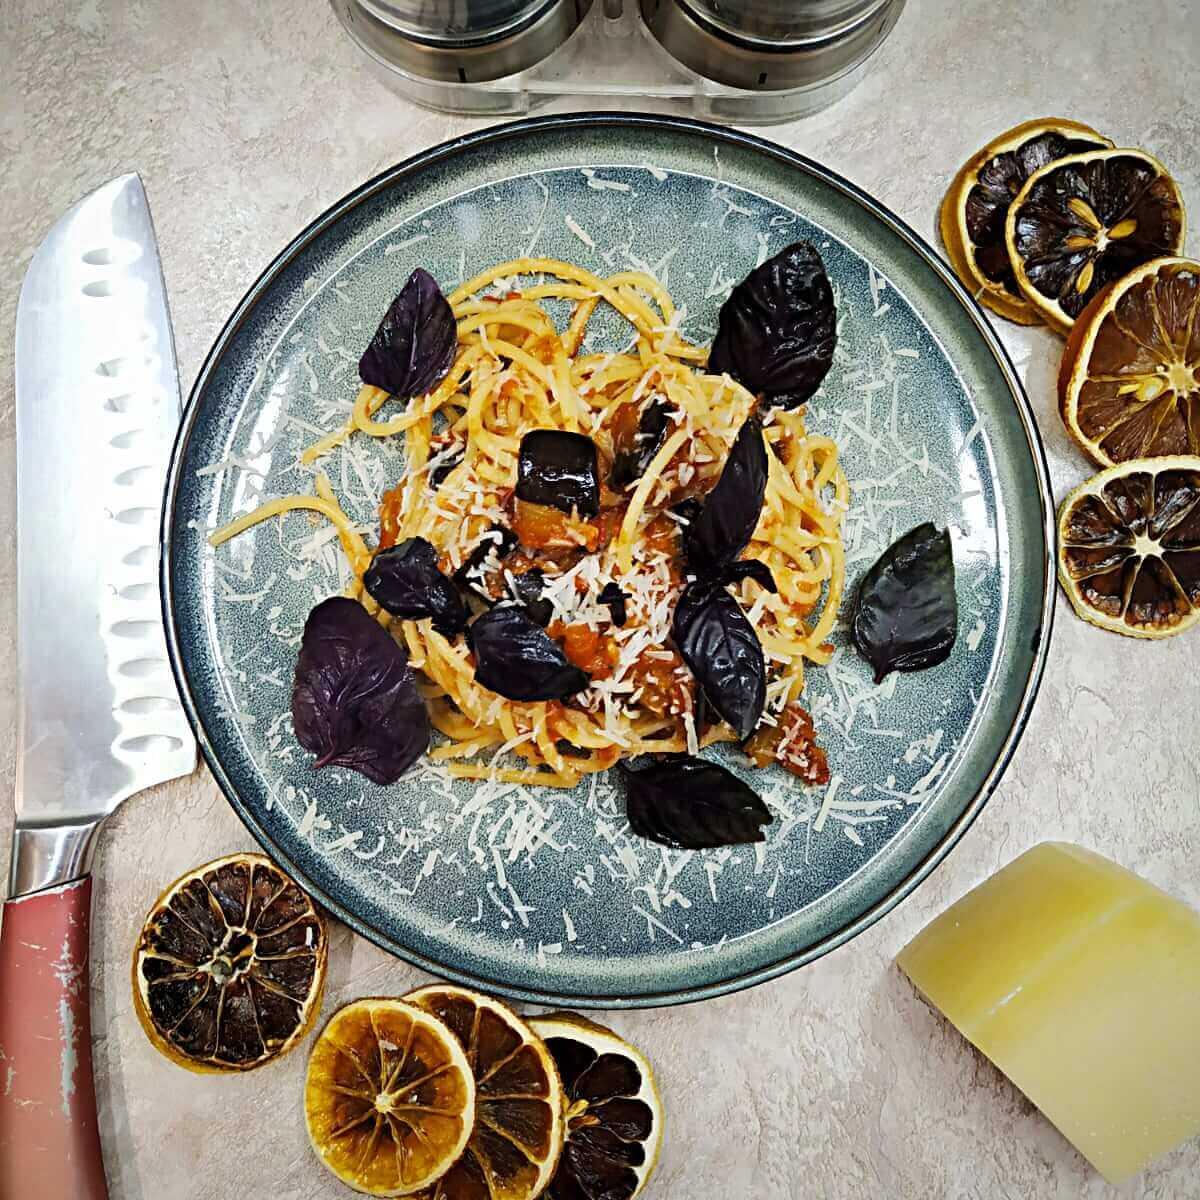 Pasta alla Norma (Eggplant pasta)